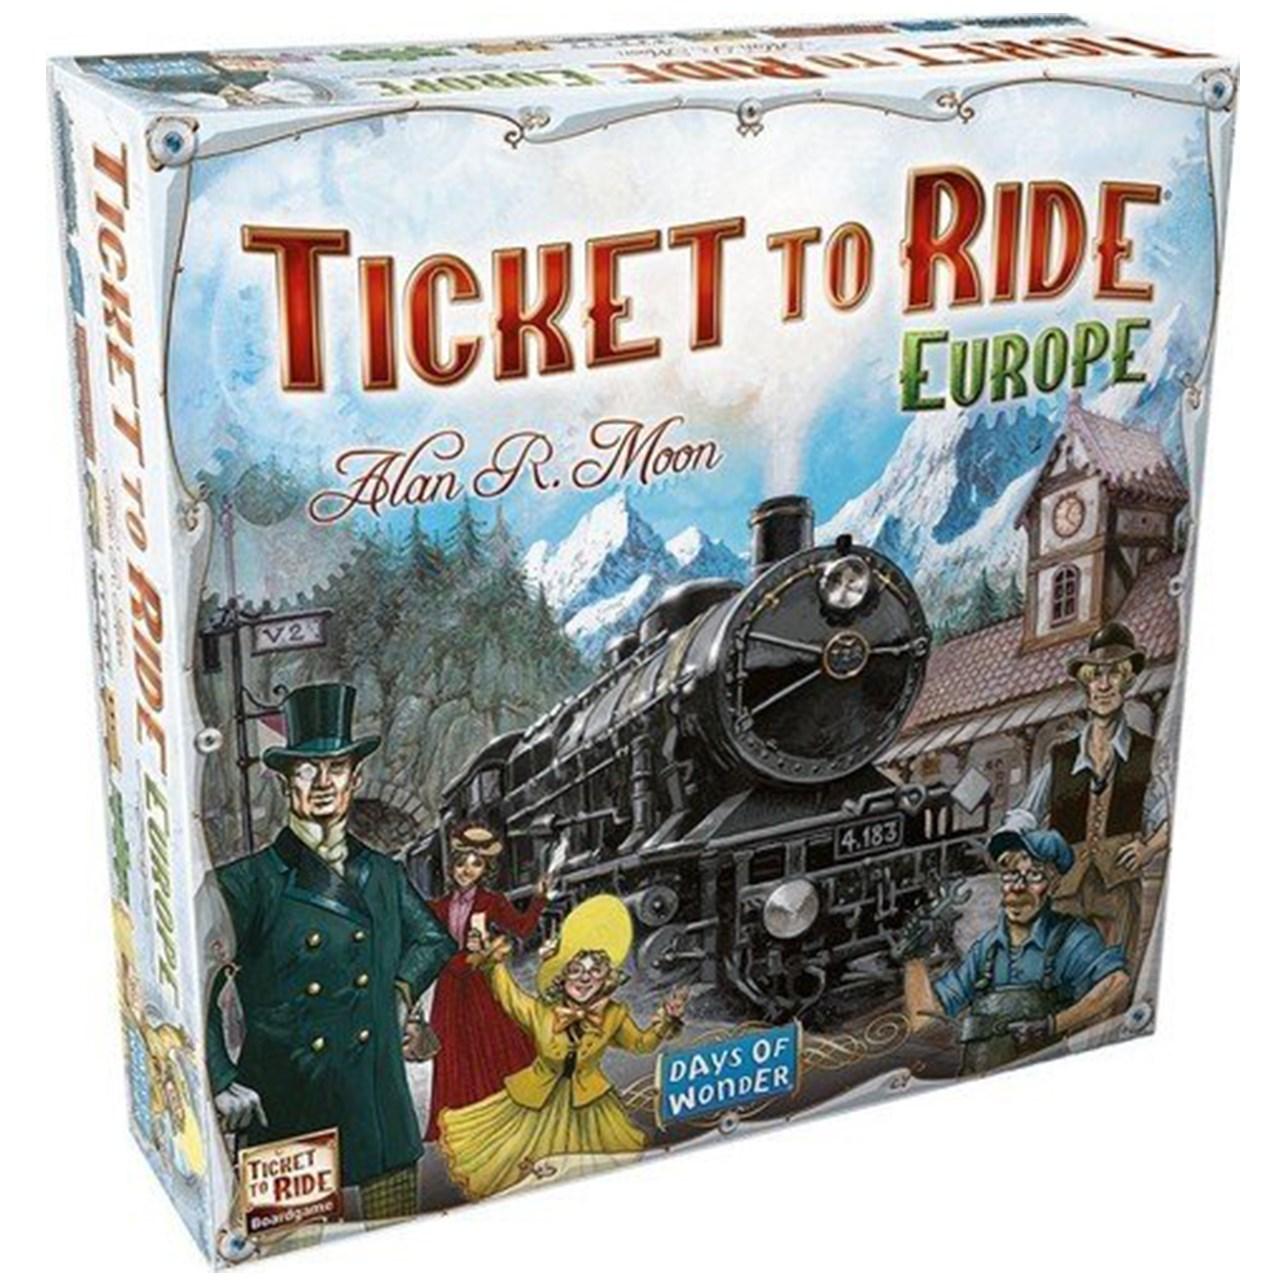 بازی رومیزی دیز آف واندرز مدل Ticket To Ride Europe